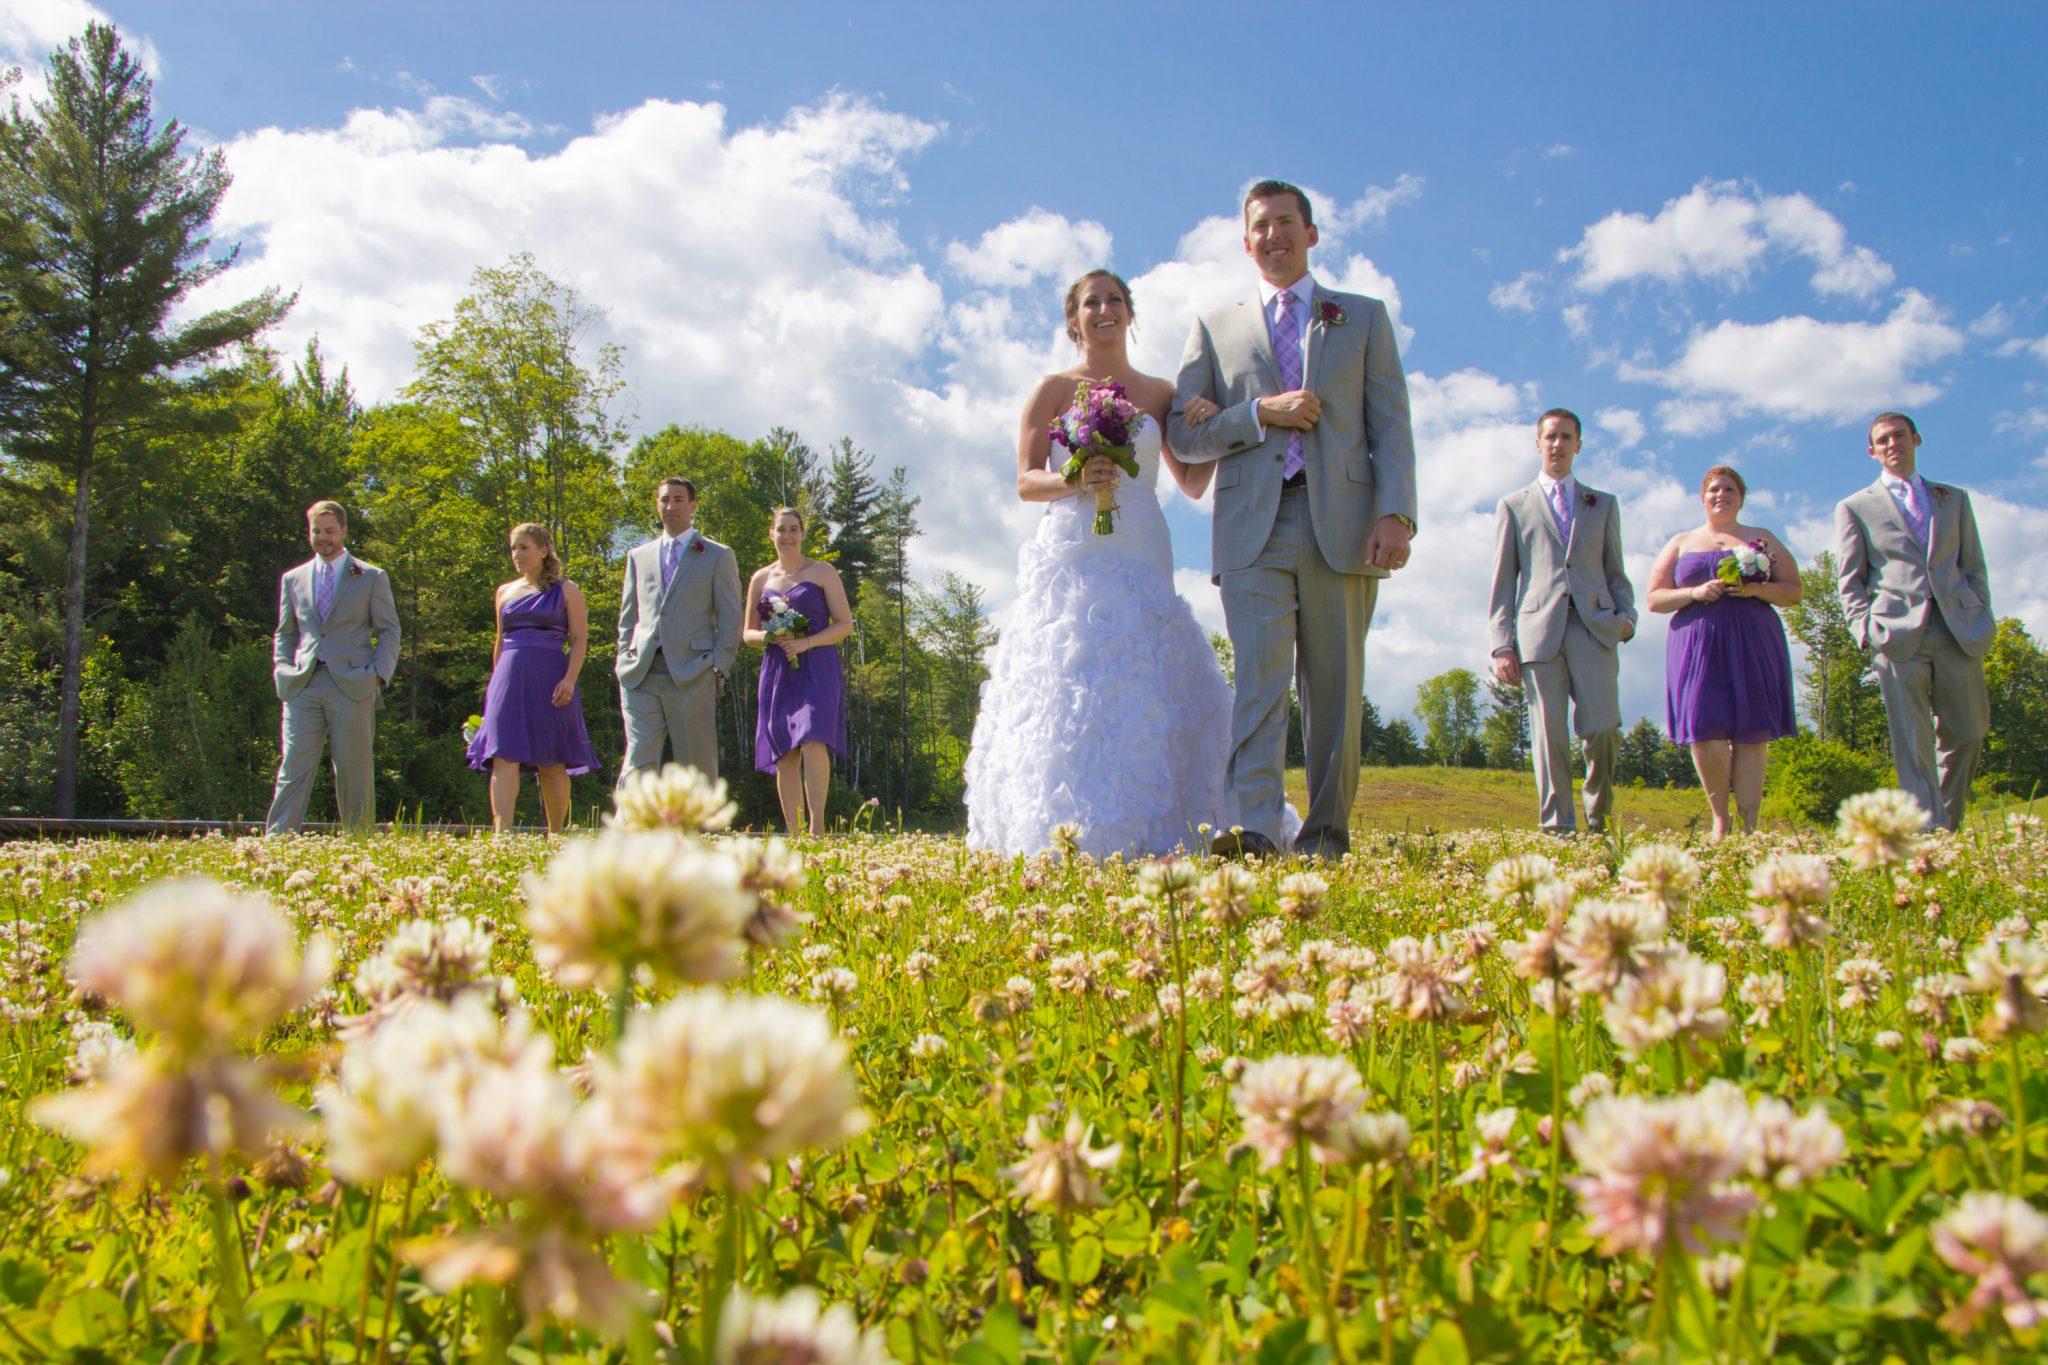 Wedding party portrait walking through flower field in Okemo, Vermont